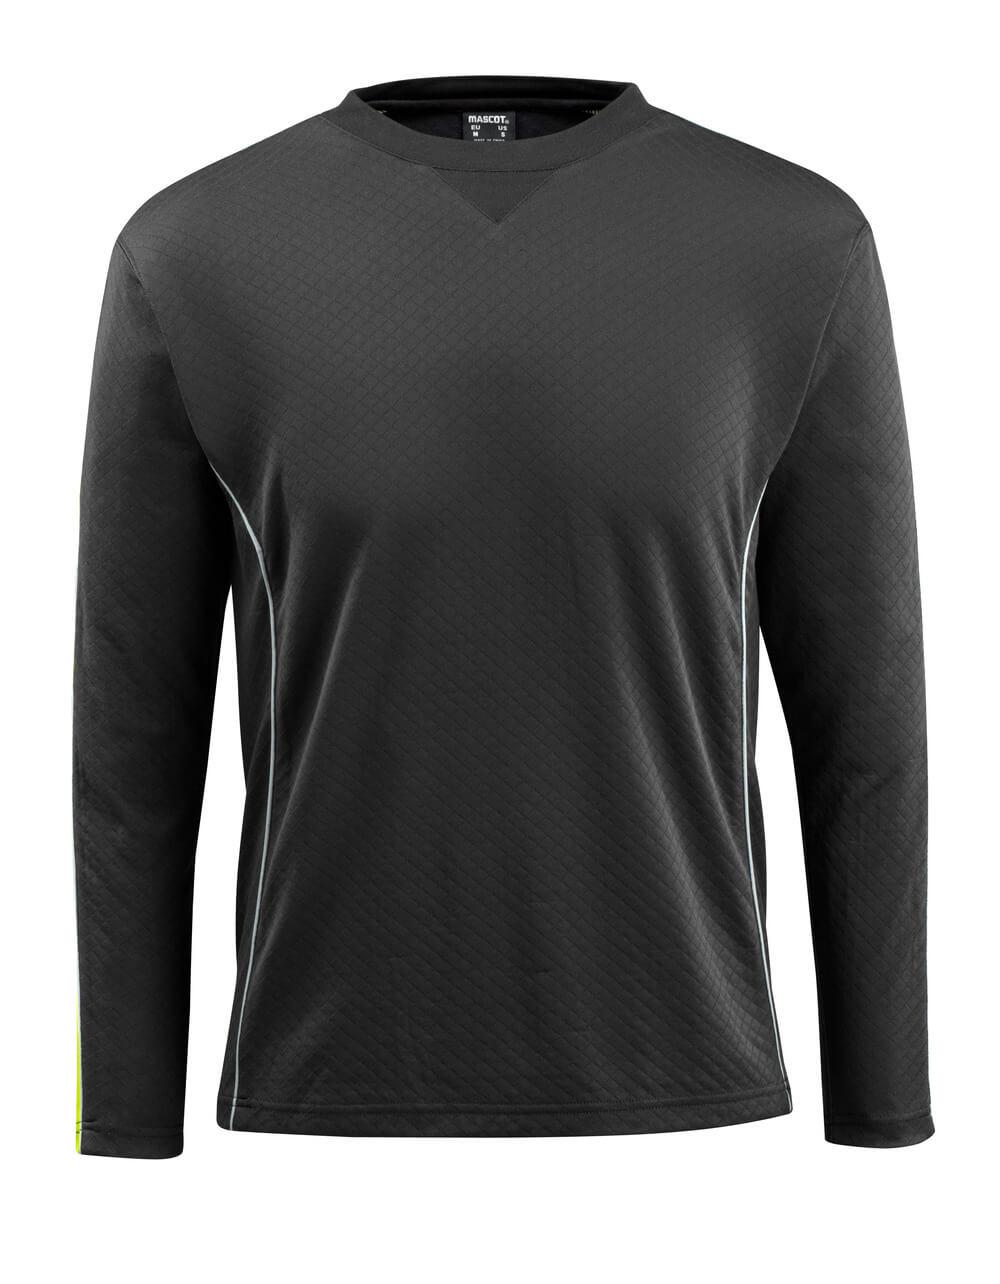 50128-933-0917 T-shirt, langærmet - sort/hi-vis gul